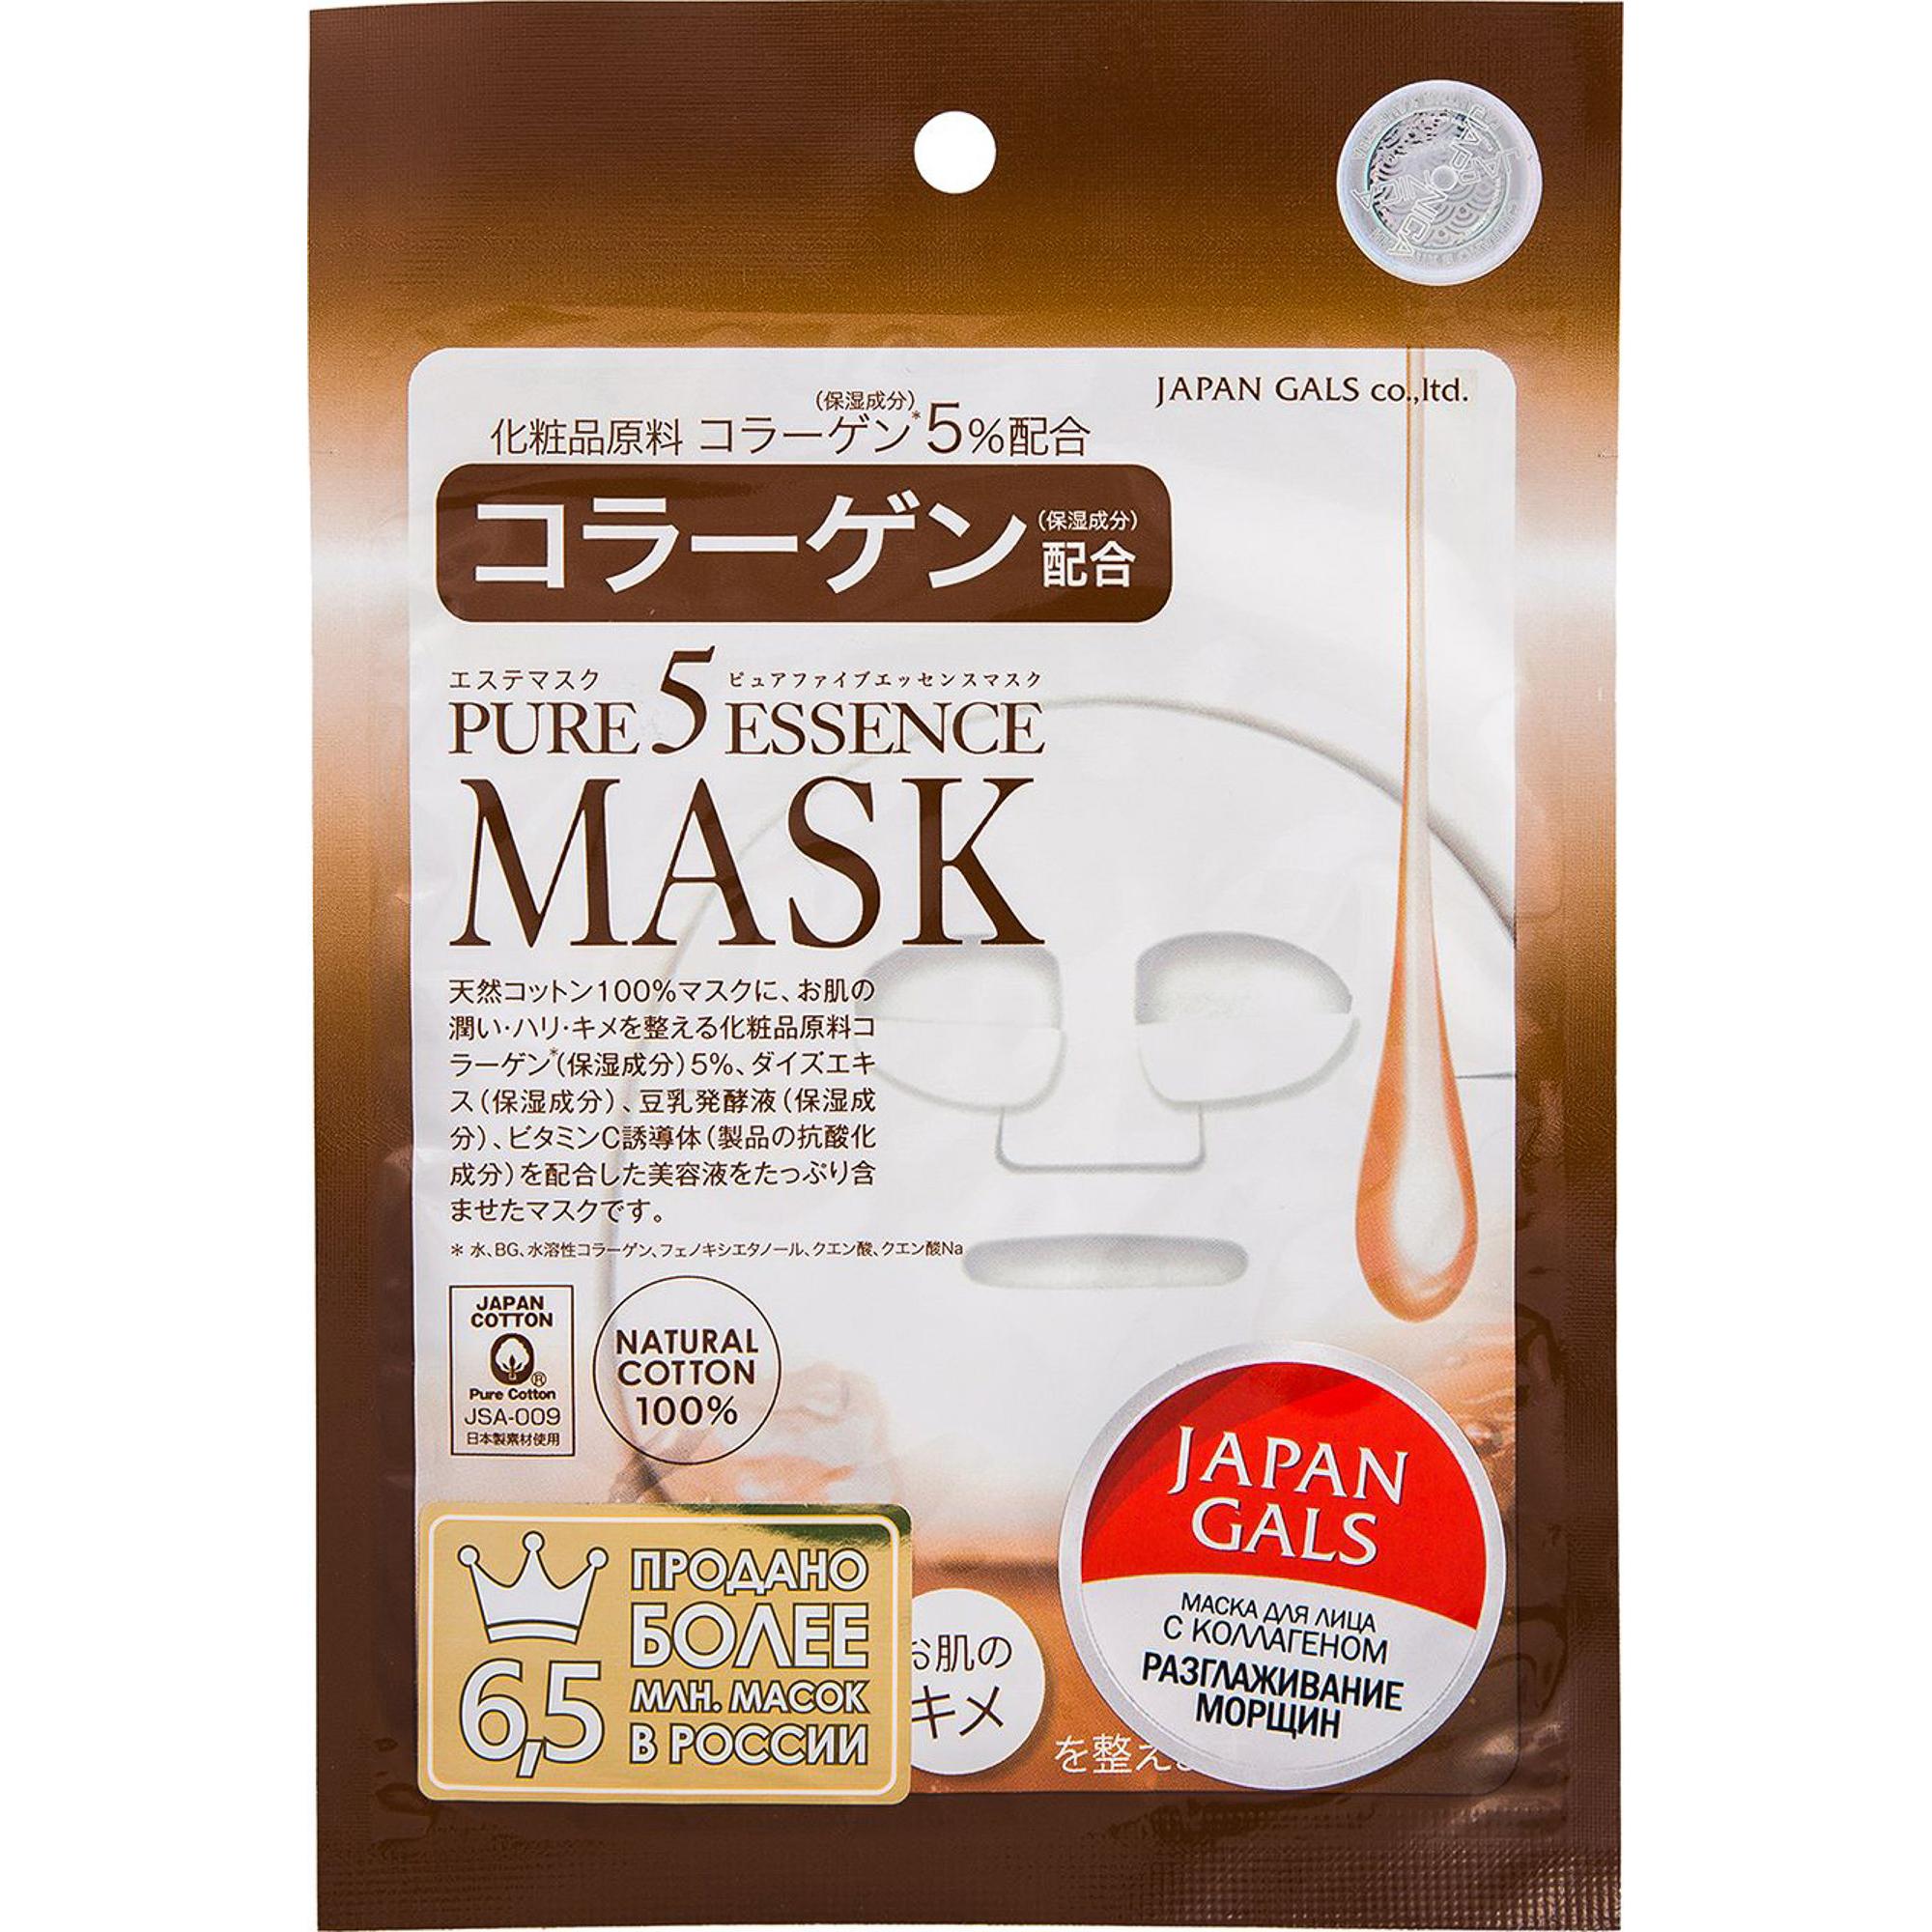 Маска для лица Japan Gals Pure 5 Essence С коллагеном 1 шт